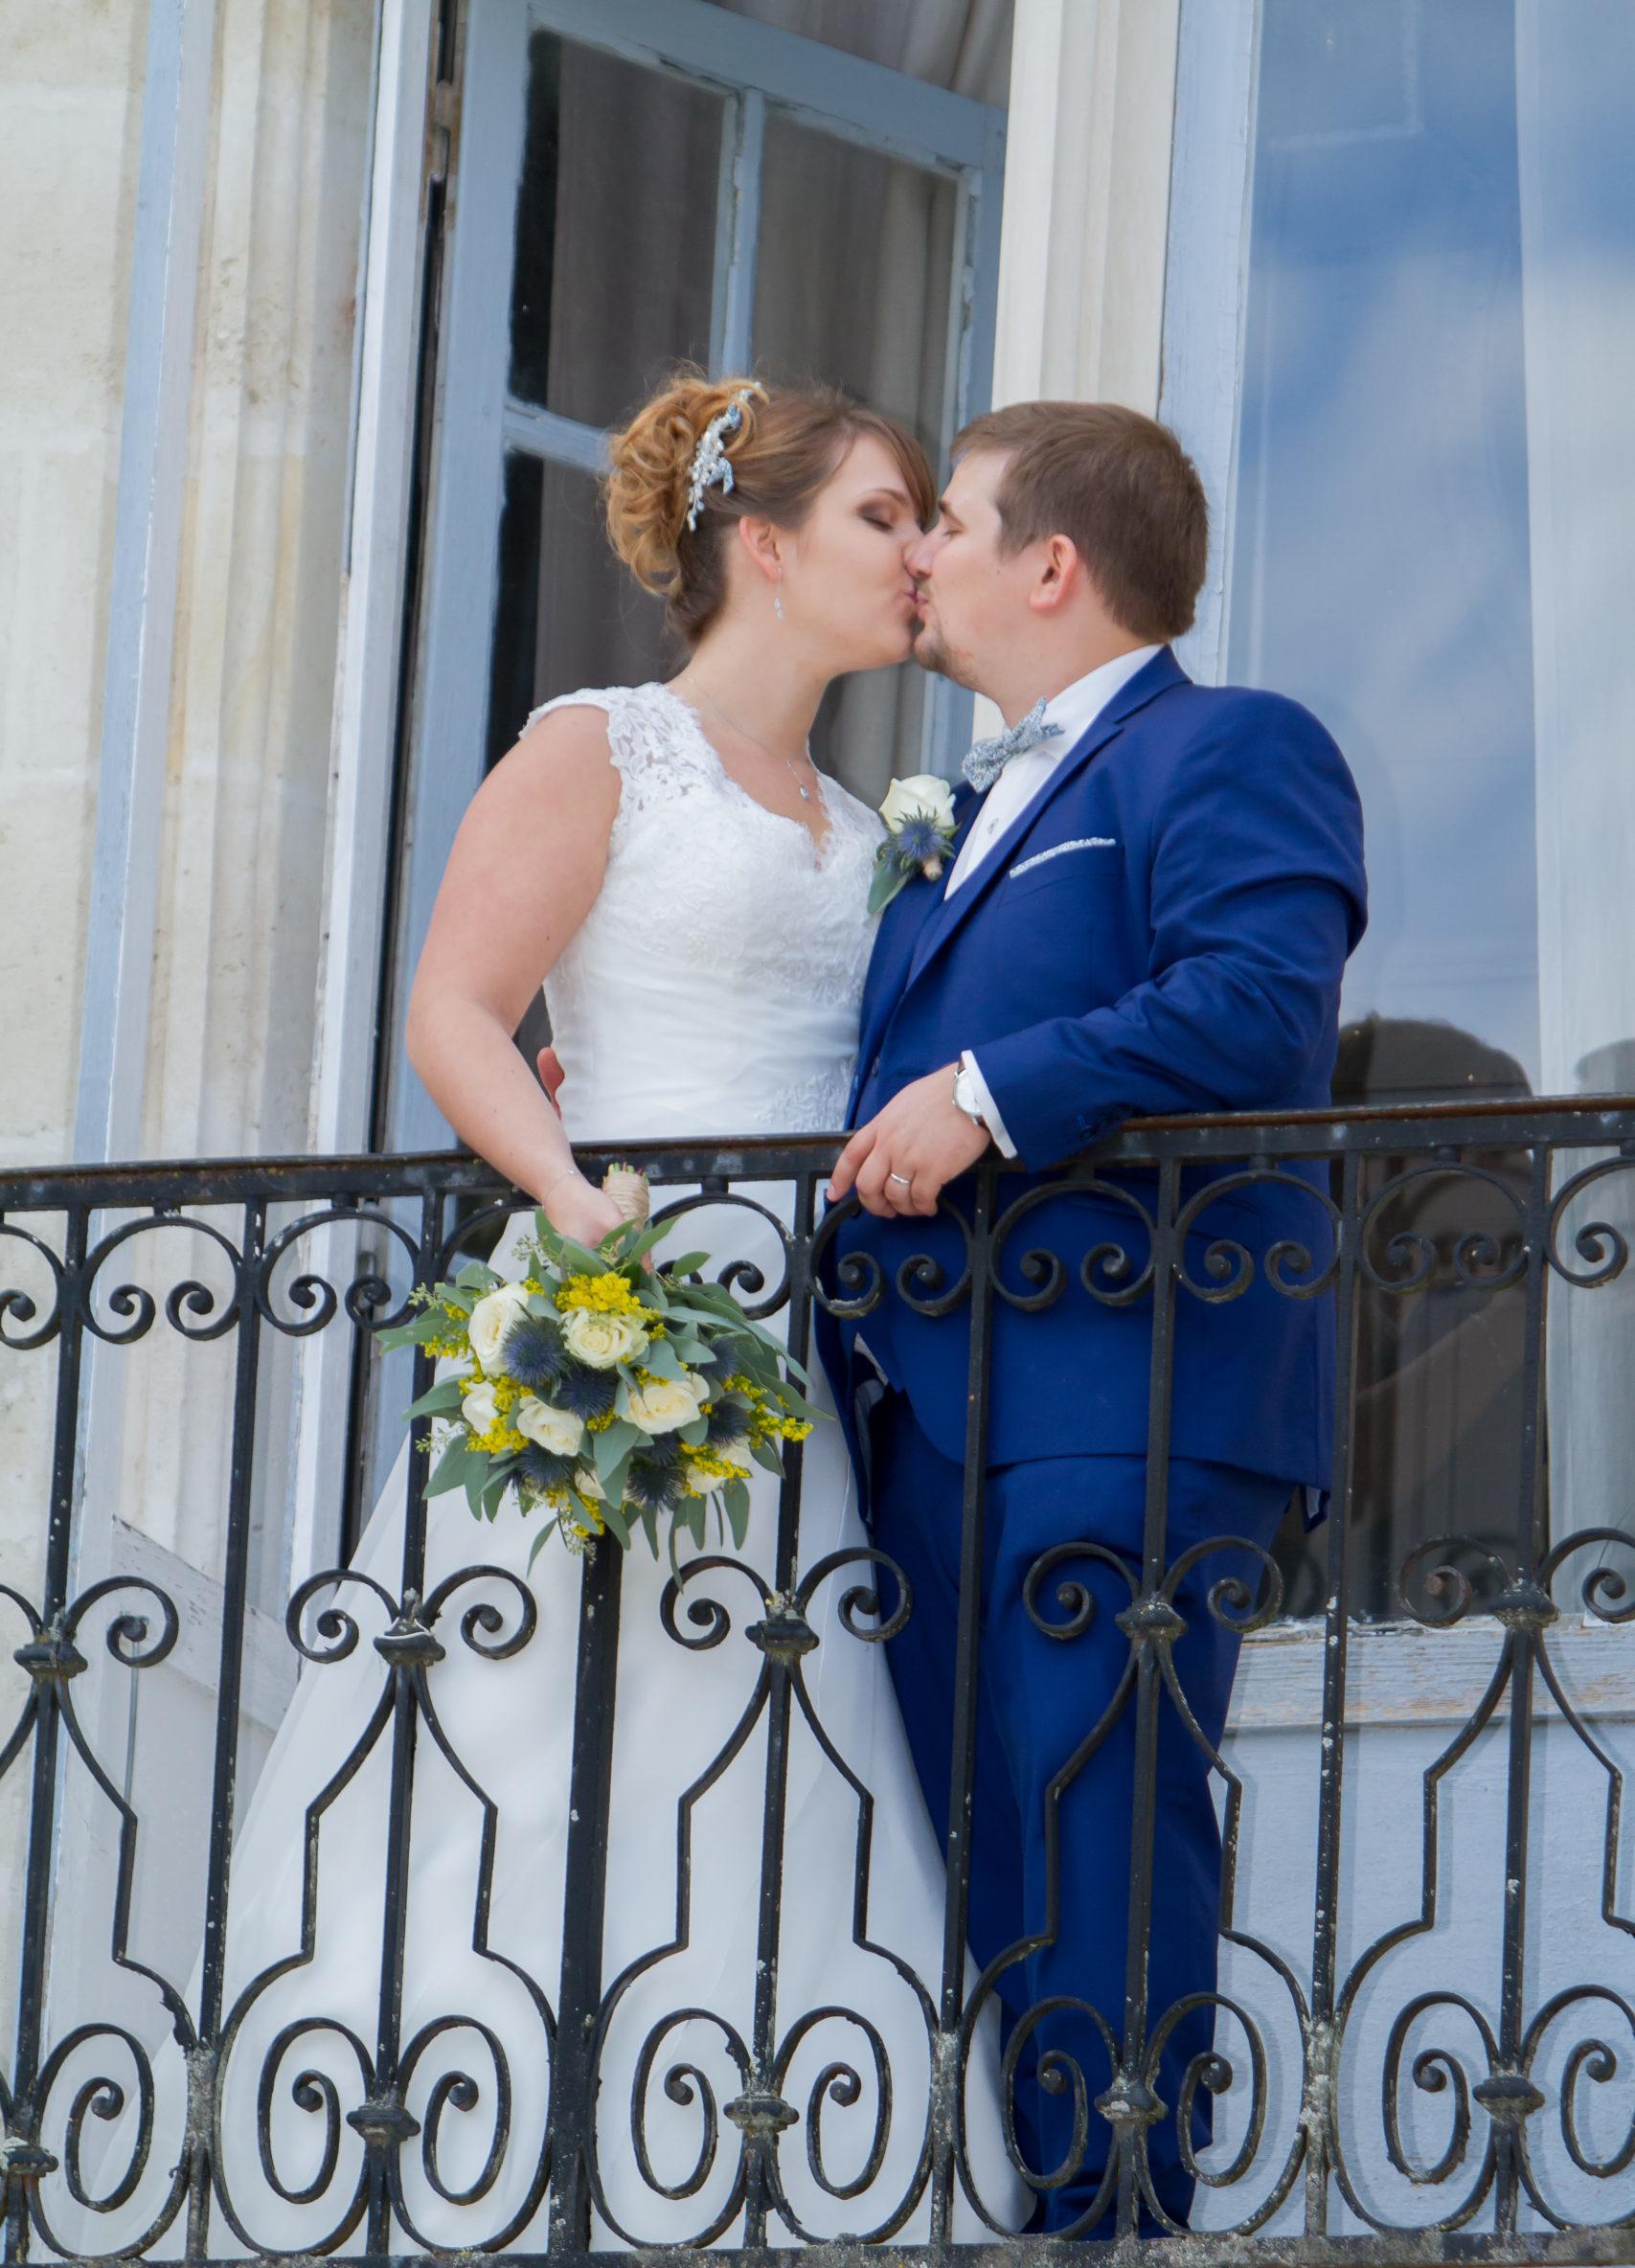 Mariage A&J - Les mariés s'embrassent sur le balcon - C&D Events Wedding planner Oise